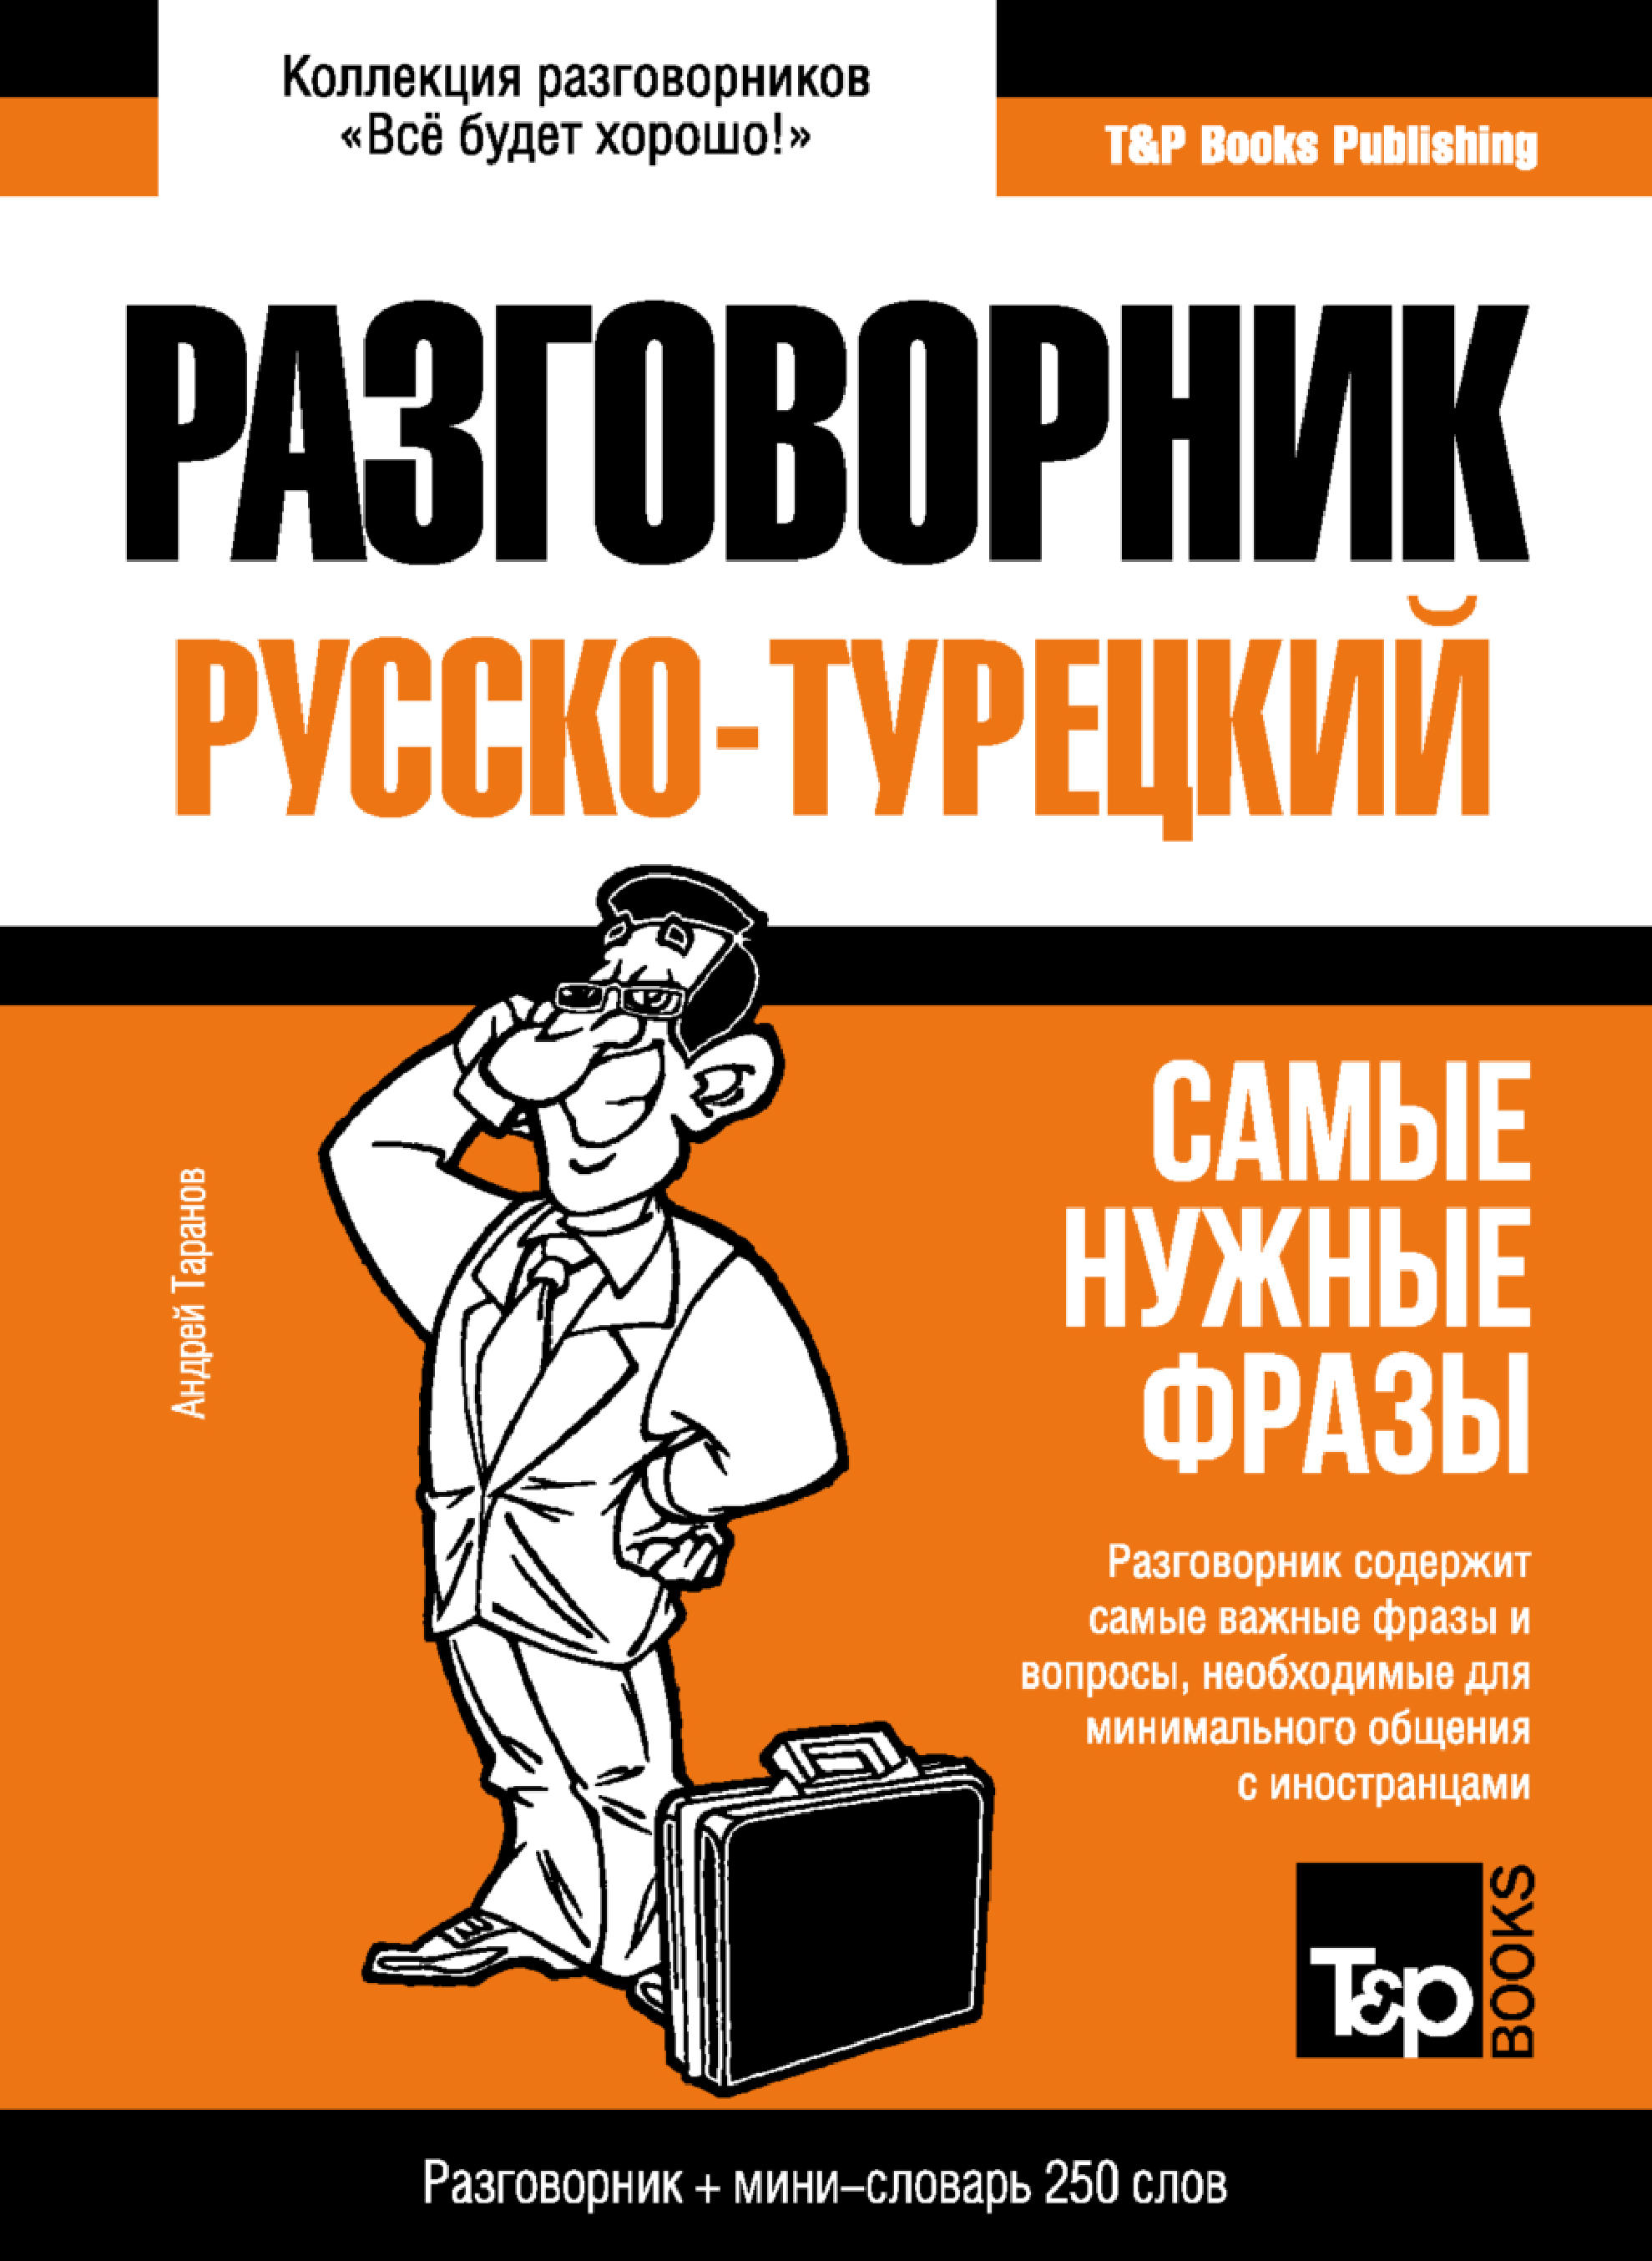 Турецкий разговорник и мини-словарь